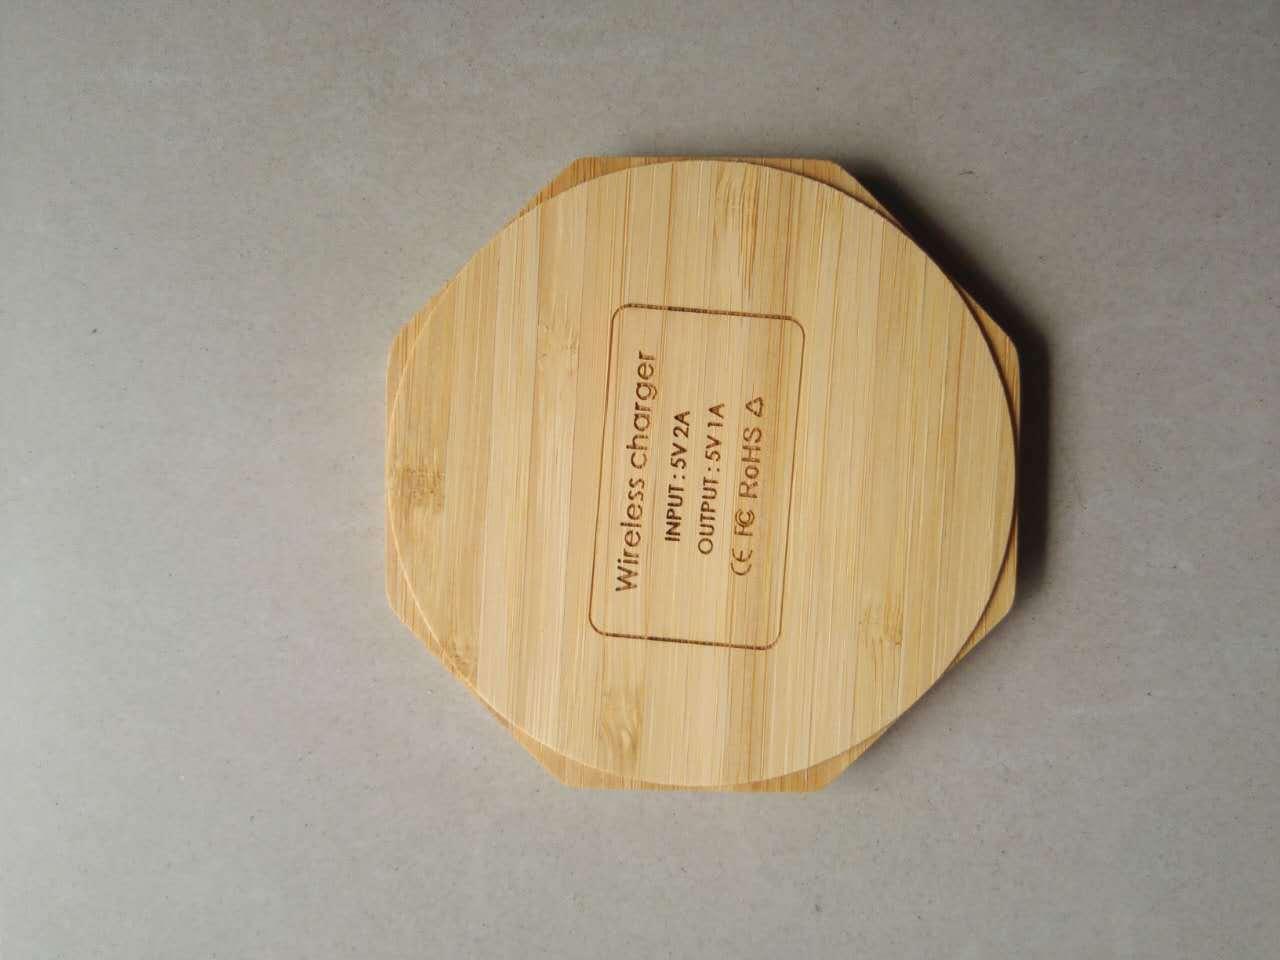 Новая оригинальность Woodiness Bamboo Беспроводное зарядное устройство 5 Вт Круглый квадратный в форме сердца Bamboo Wireless Launcher Factory Продам